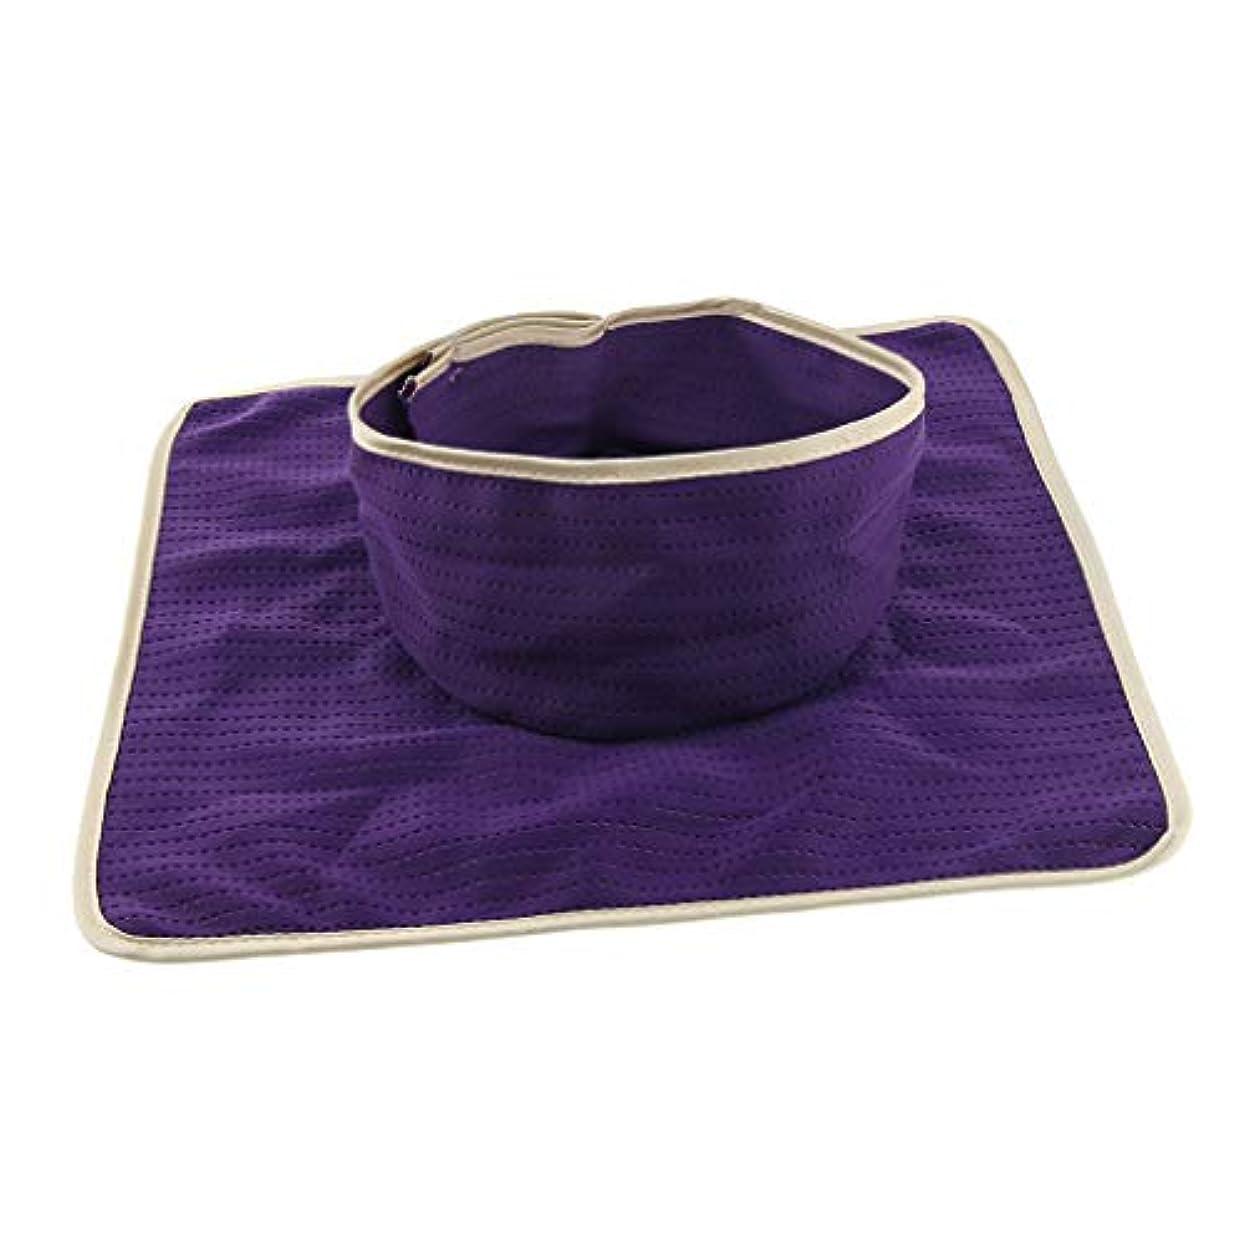 エレガント誘導代わりにを立てるマッサージ ベッドカバー シート パッド 洗濯可能 再利用可能 約35×35cm 全3色 - 紫